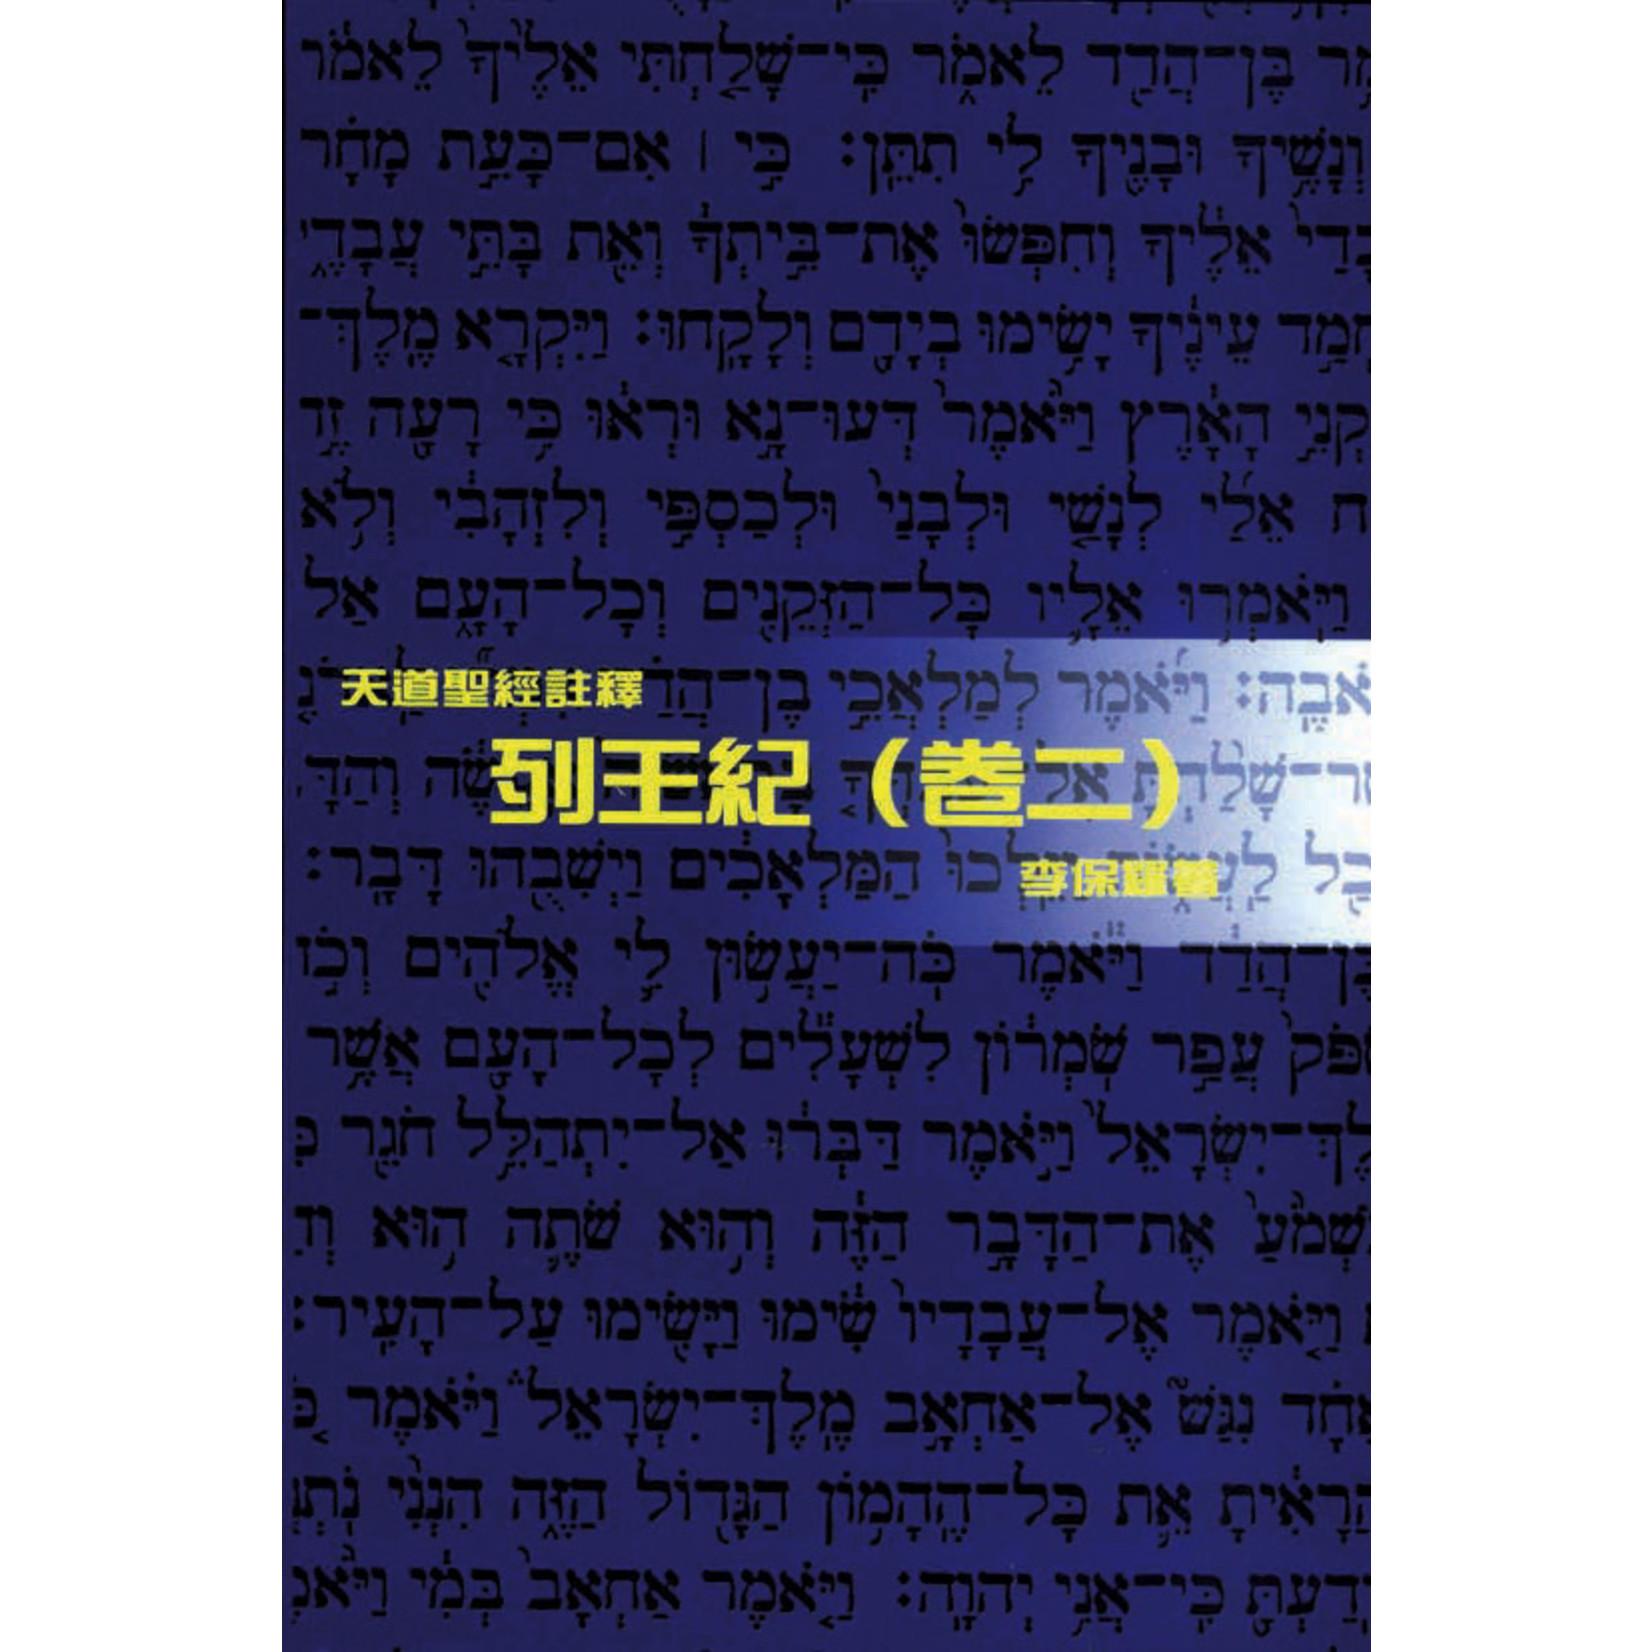 天道書樓 Tien Dao Publishing House 天道聖經註釋:列王紀(卷二)